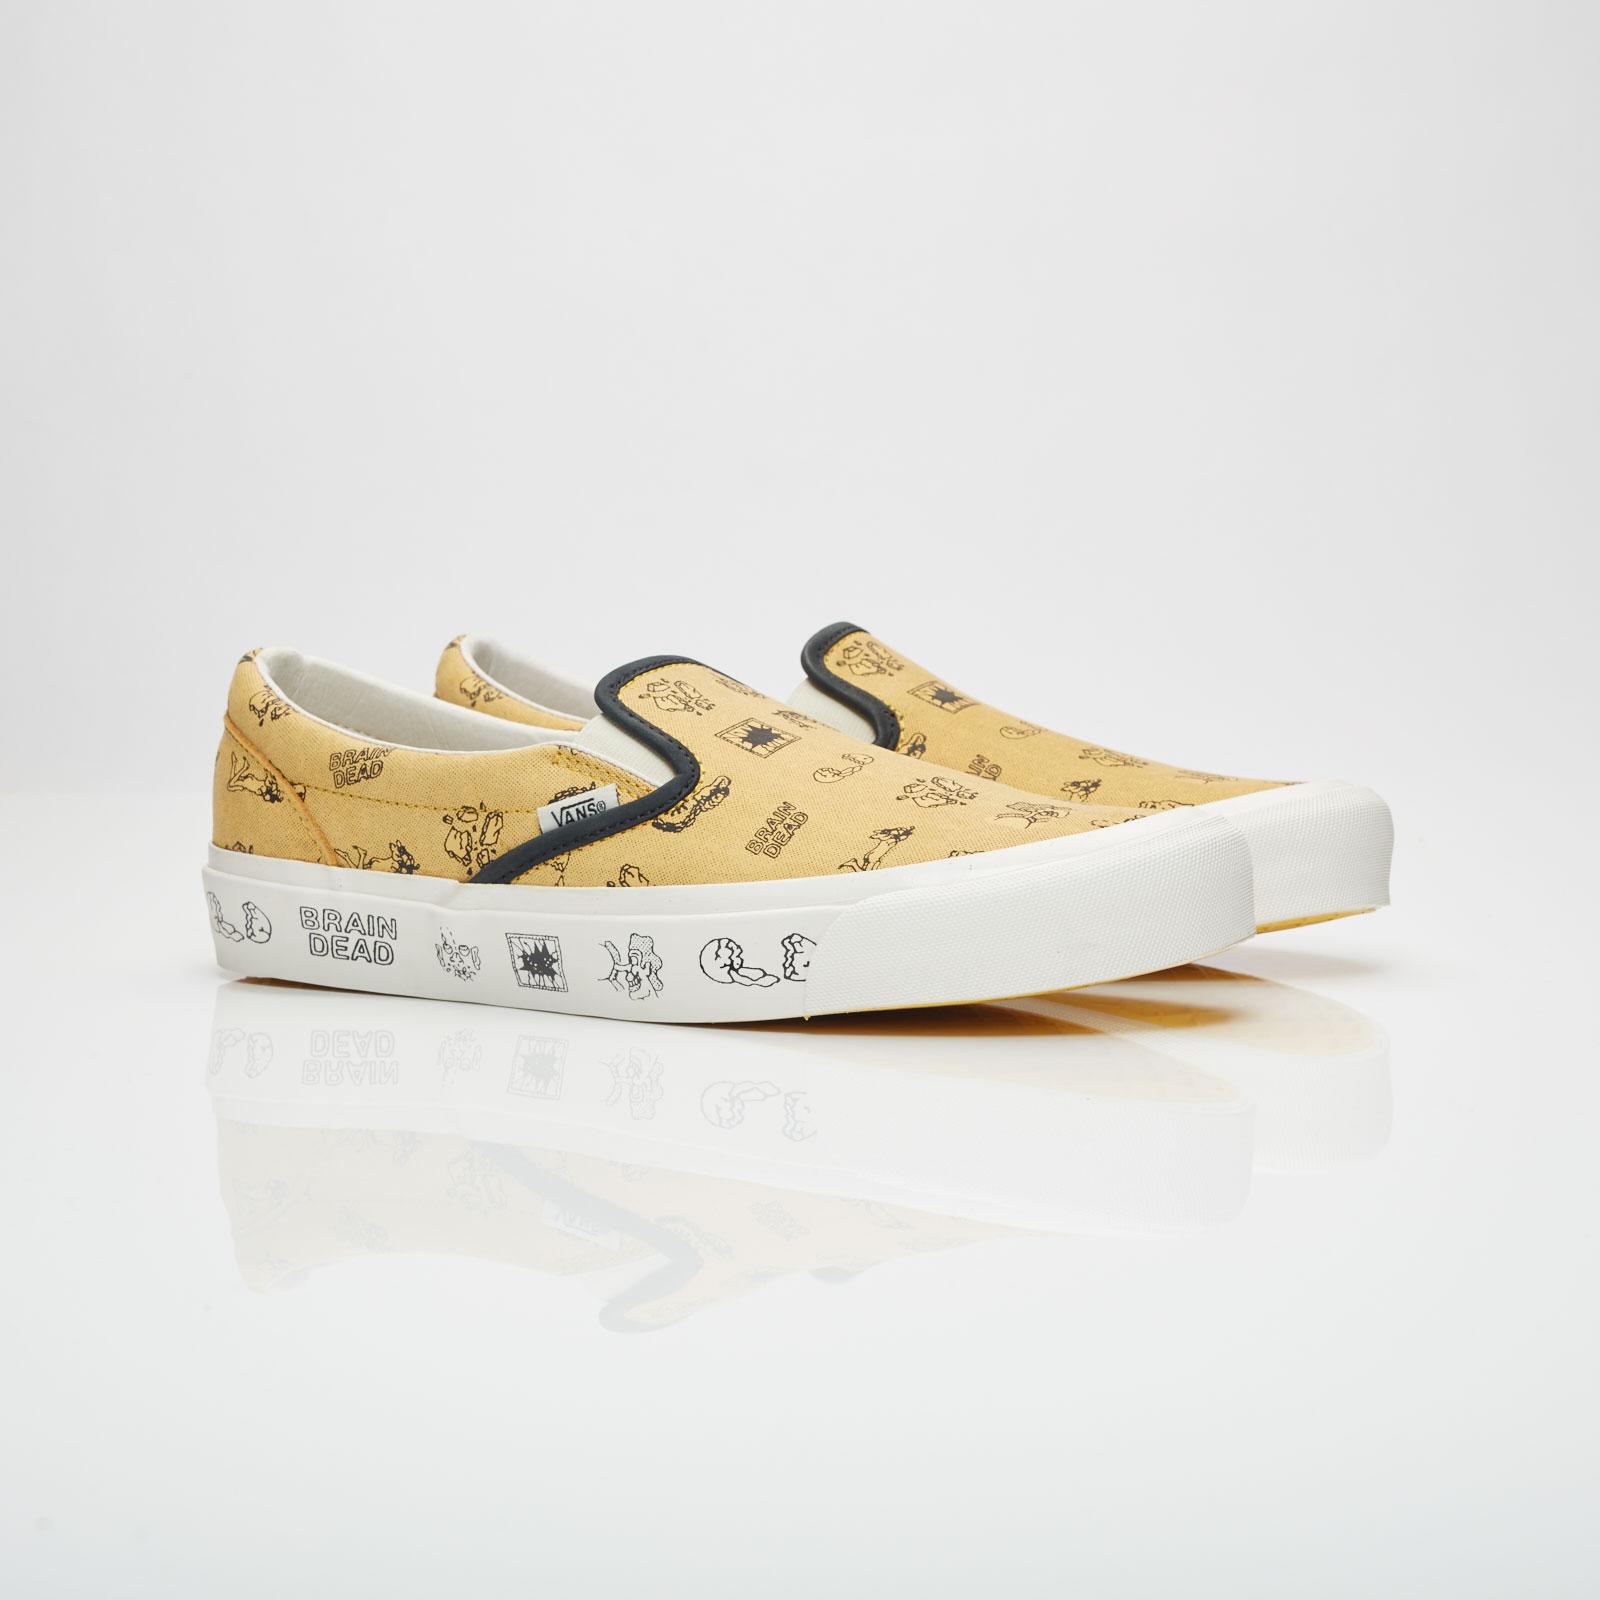 470fbc3a10 Vans UA Classic Slip-On LX x Brain Dead - Va38fjn8b - Sneakersnstuff ...